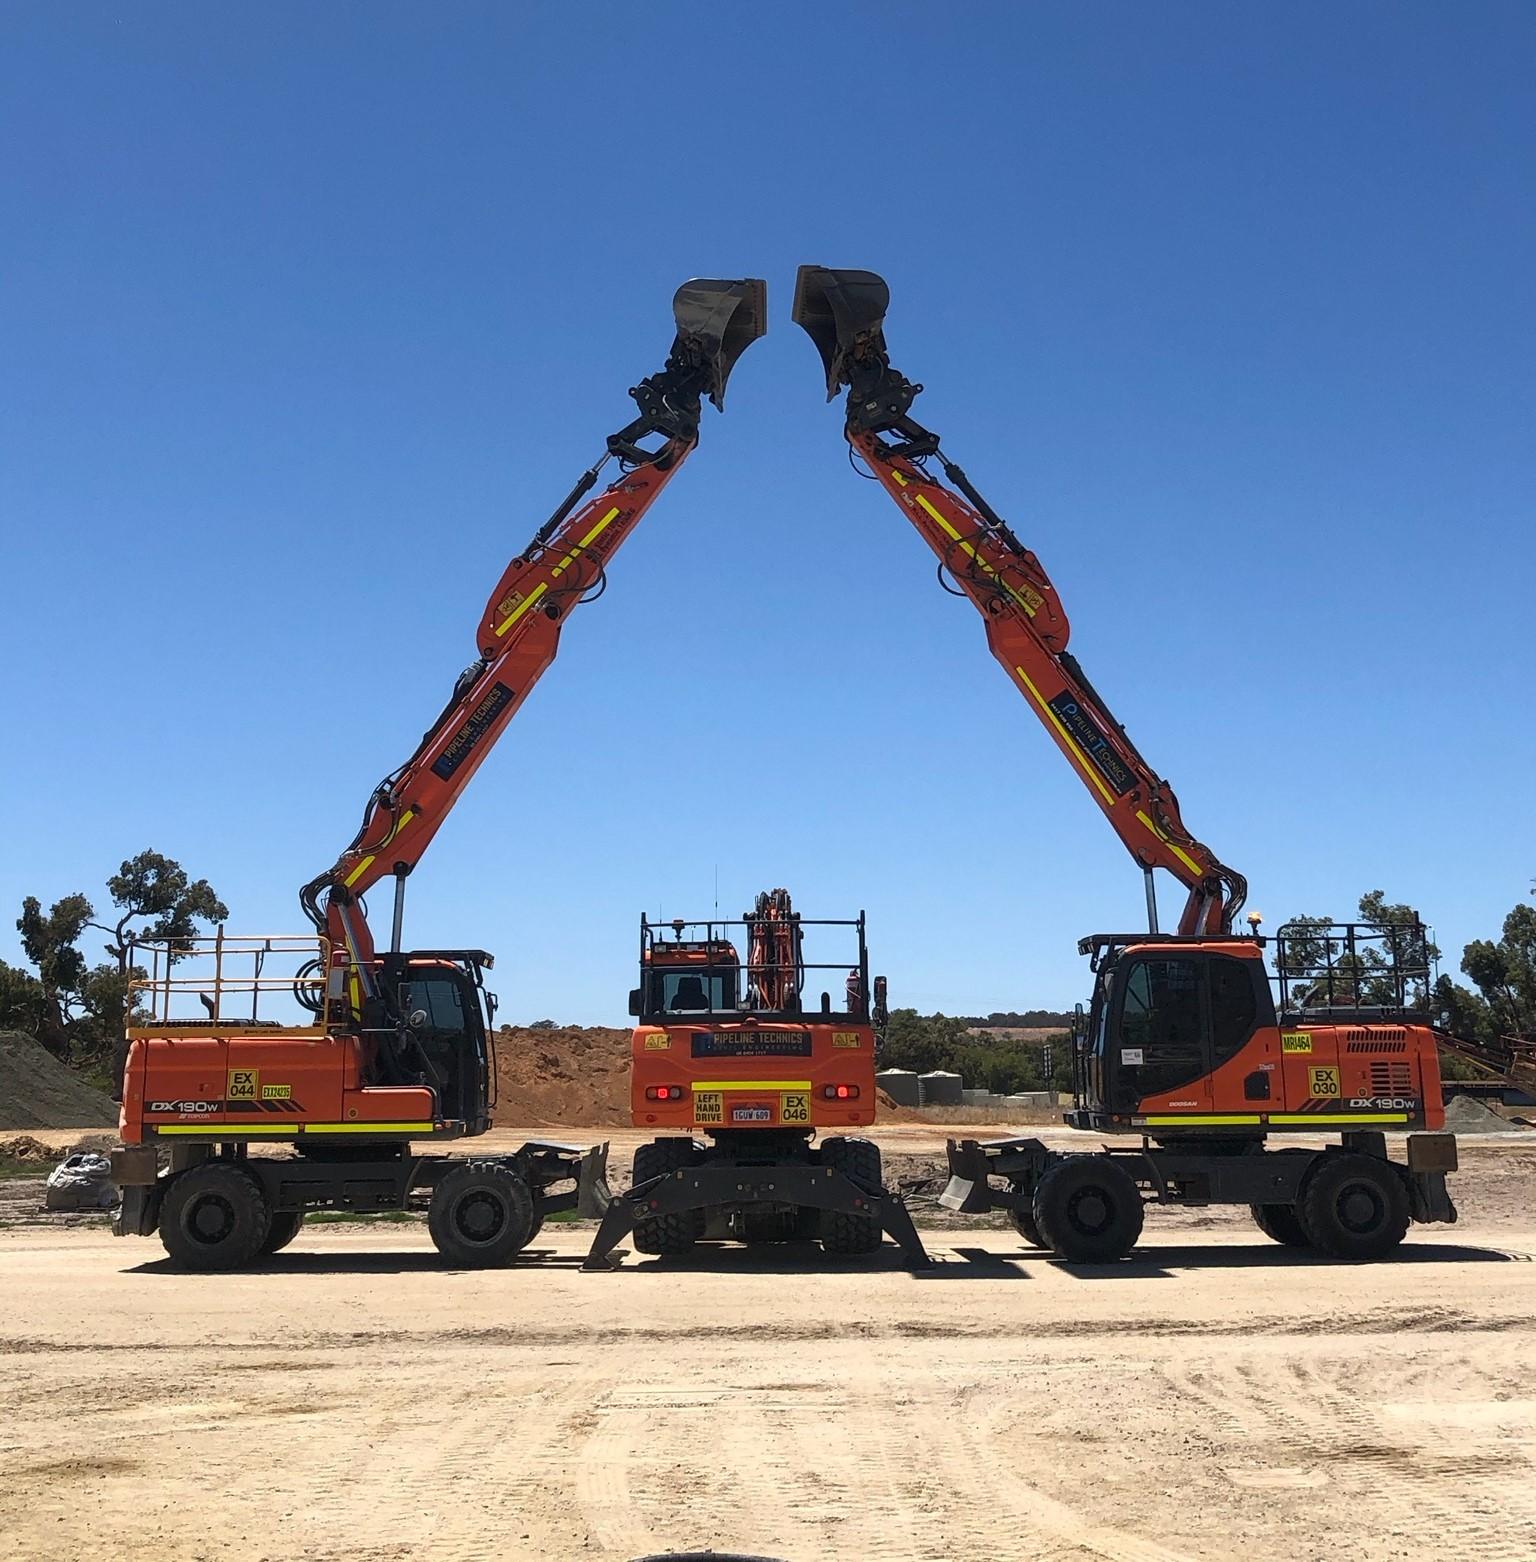 Pipeline-Technics-Doosan-DX340-LC-Excavator-Mullaloo